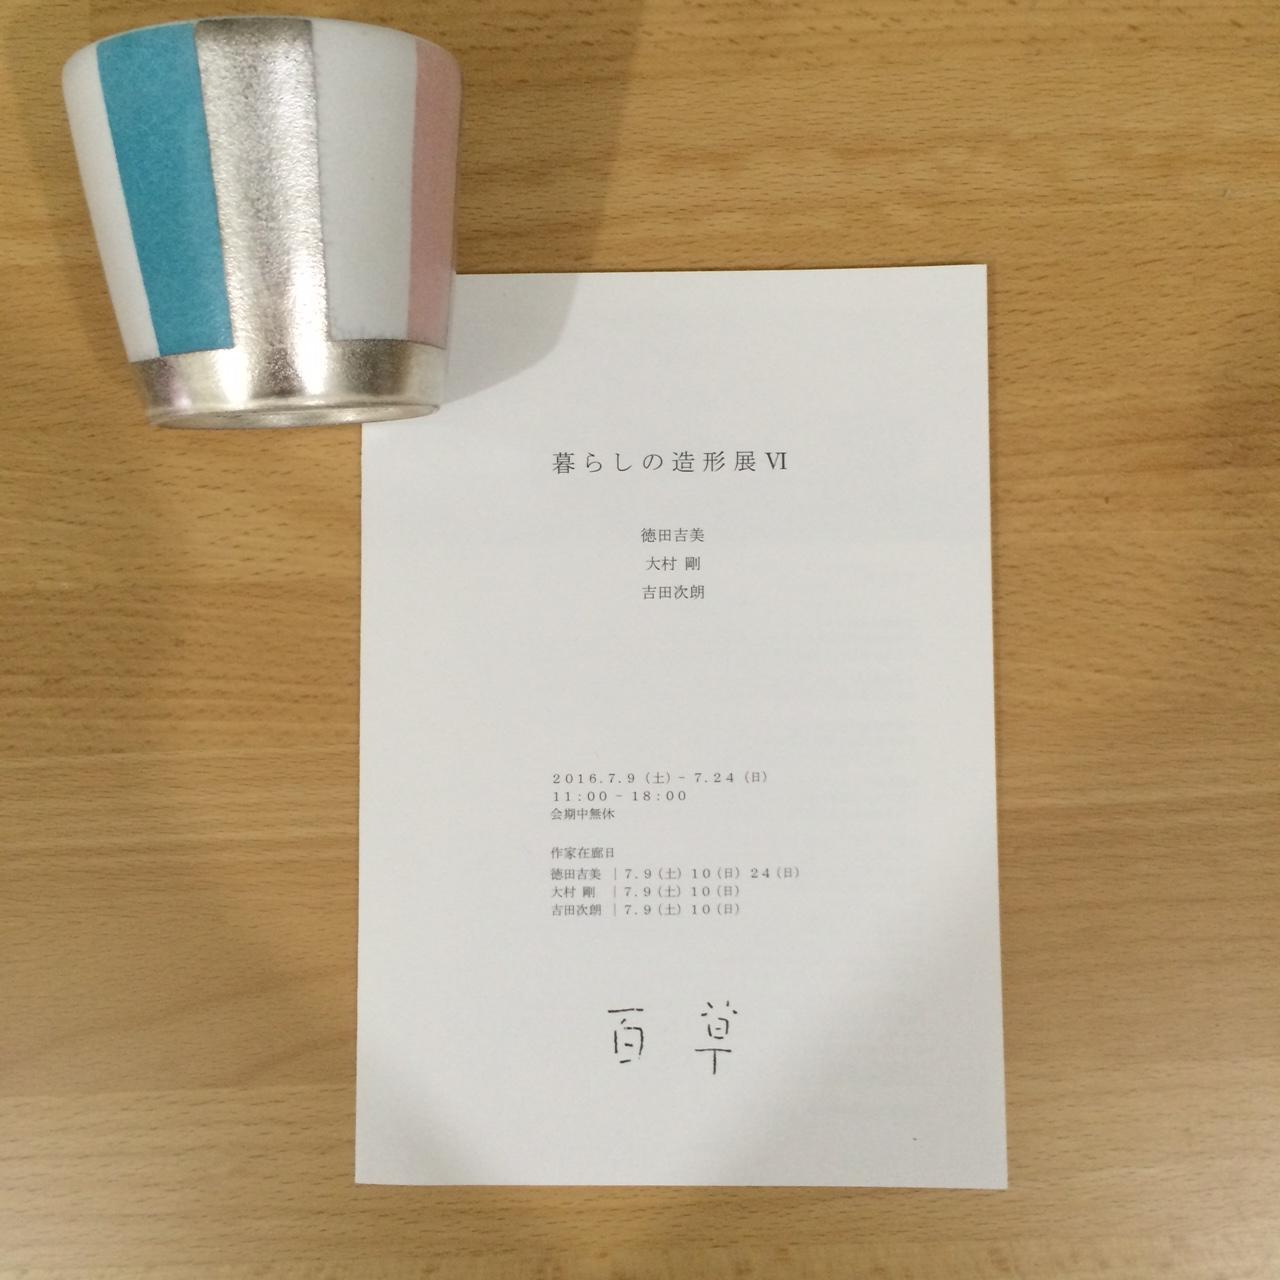 徳田吉美 展覧会